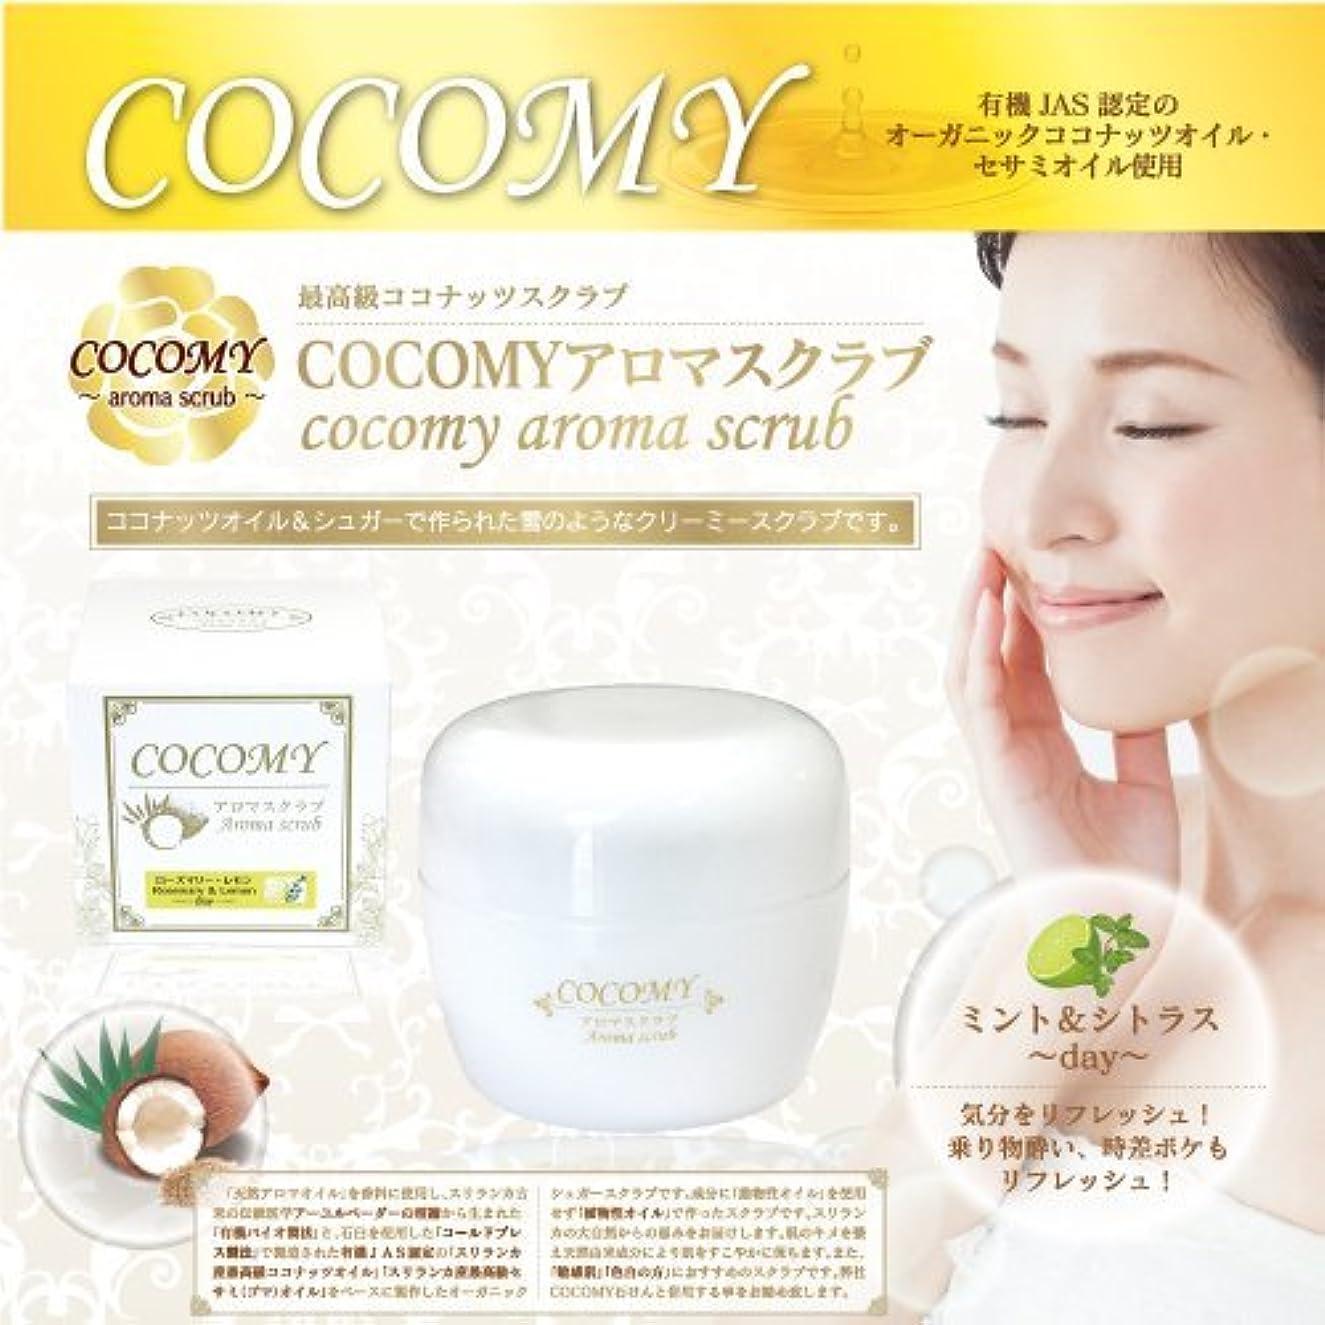 赤字蜂小人COCOMY aromaスクラブ (ミント&シトラス) 120g